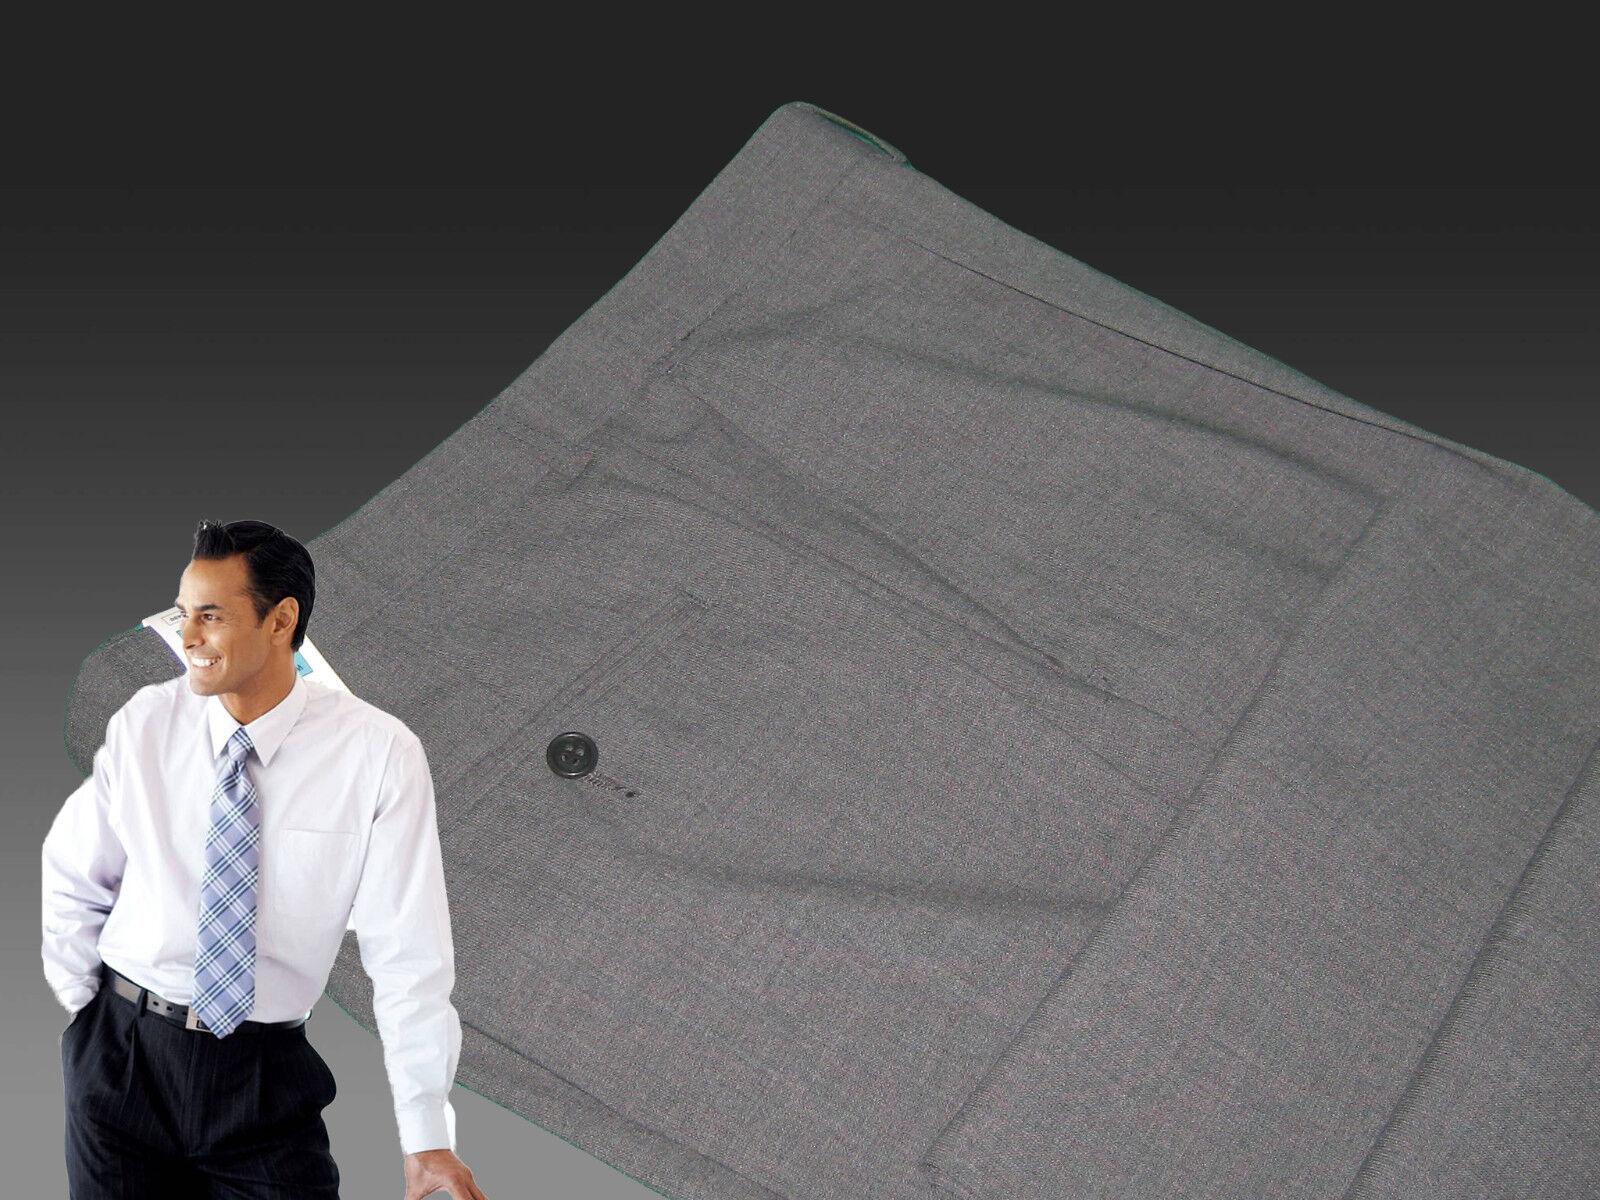 New New New MARKS and SPENCER Tailoring TROUSERS Pants Wool Blend grau 32   (iL33 ) | Erste Gruppe von Kunden  | Die erste Reihe von umfassenden Spezifikationen für Kunden  | Sale Düsseldorf  | Online Kaufen  | Jeder beschriebene Artikel ist verfügbar  337054